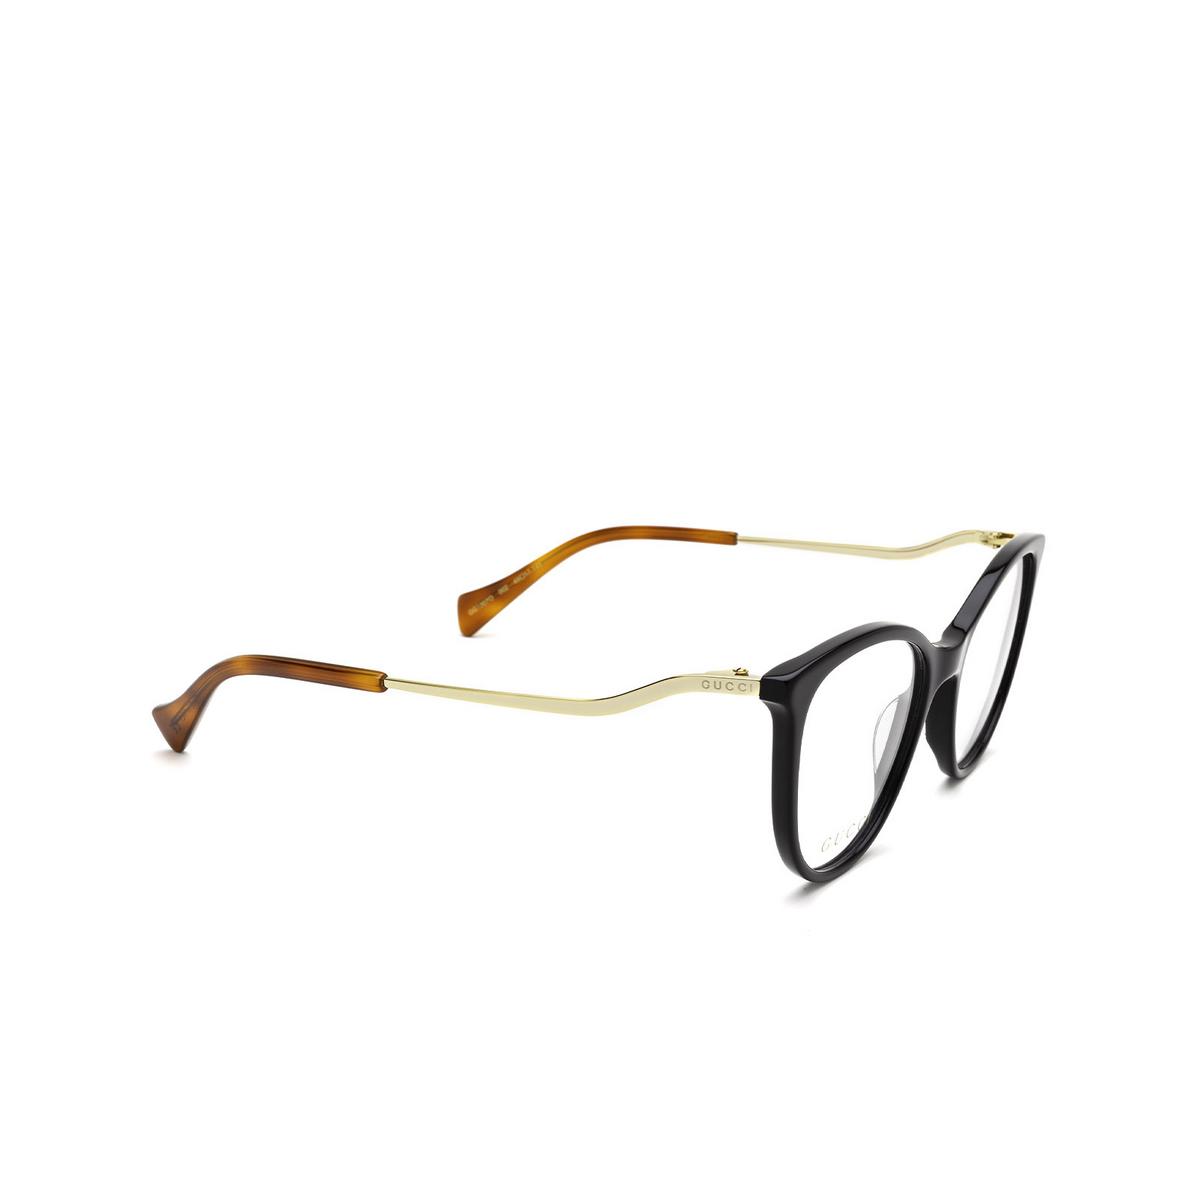 Gucci® Cat-eye Eyeglasses: GG1007O color Black 002 - three-quarters view.